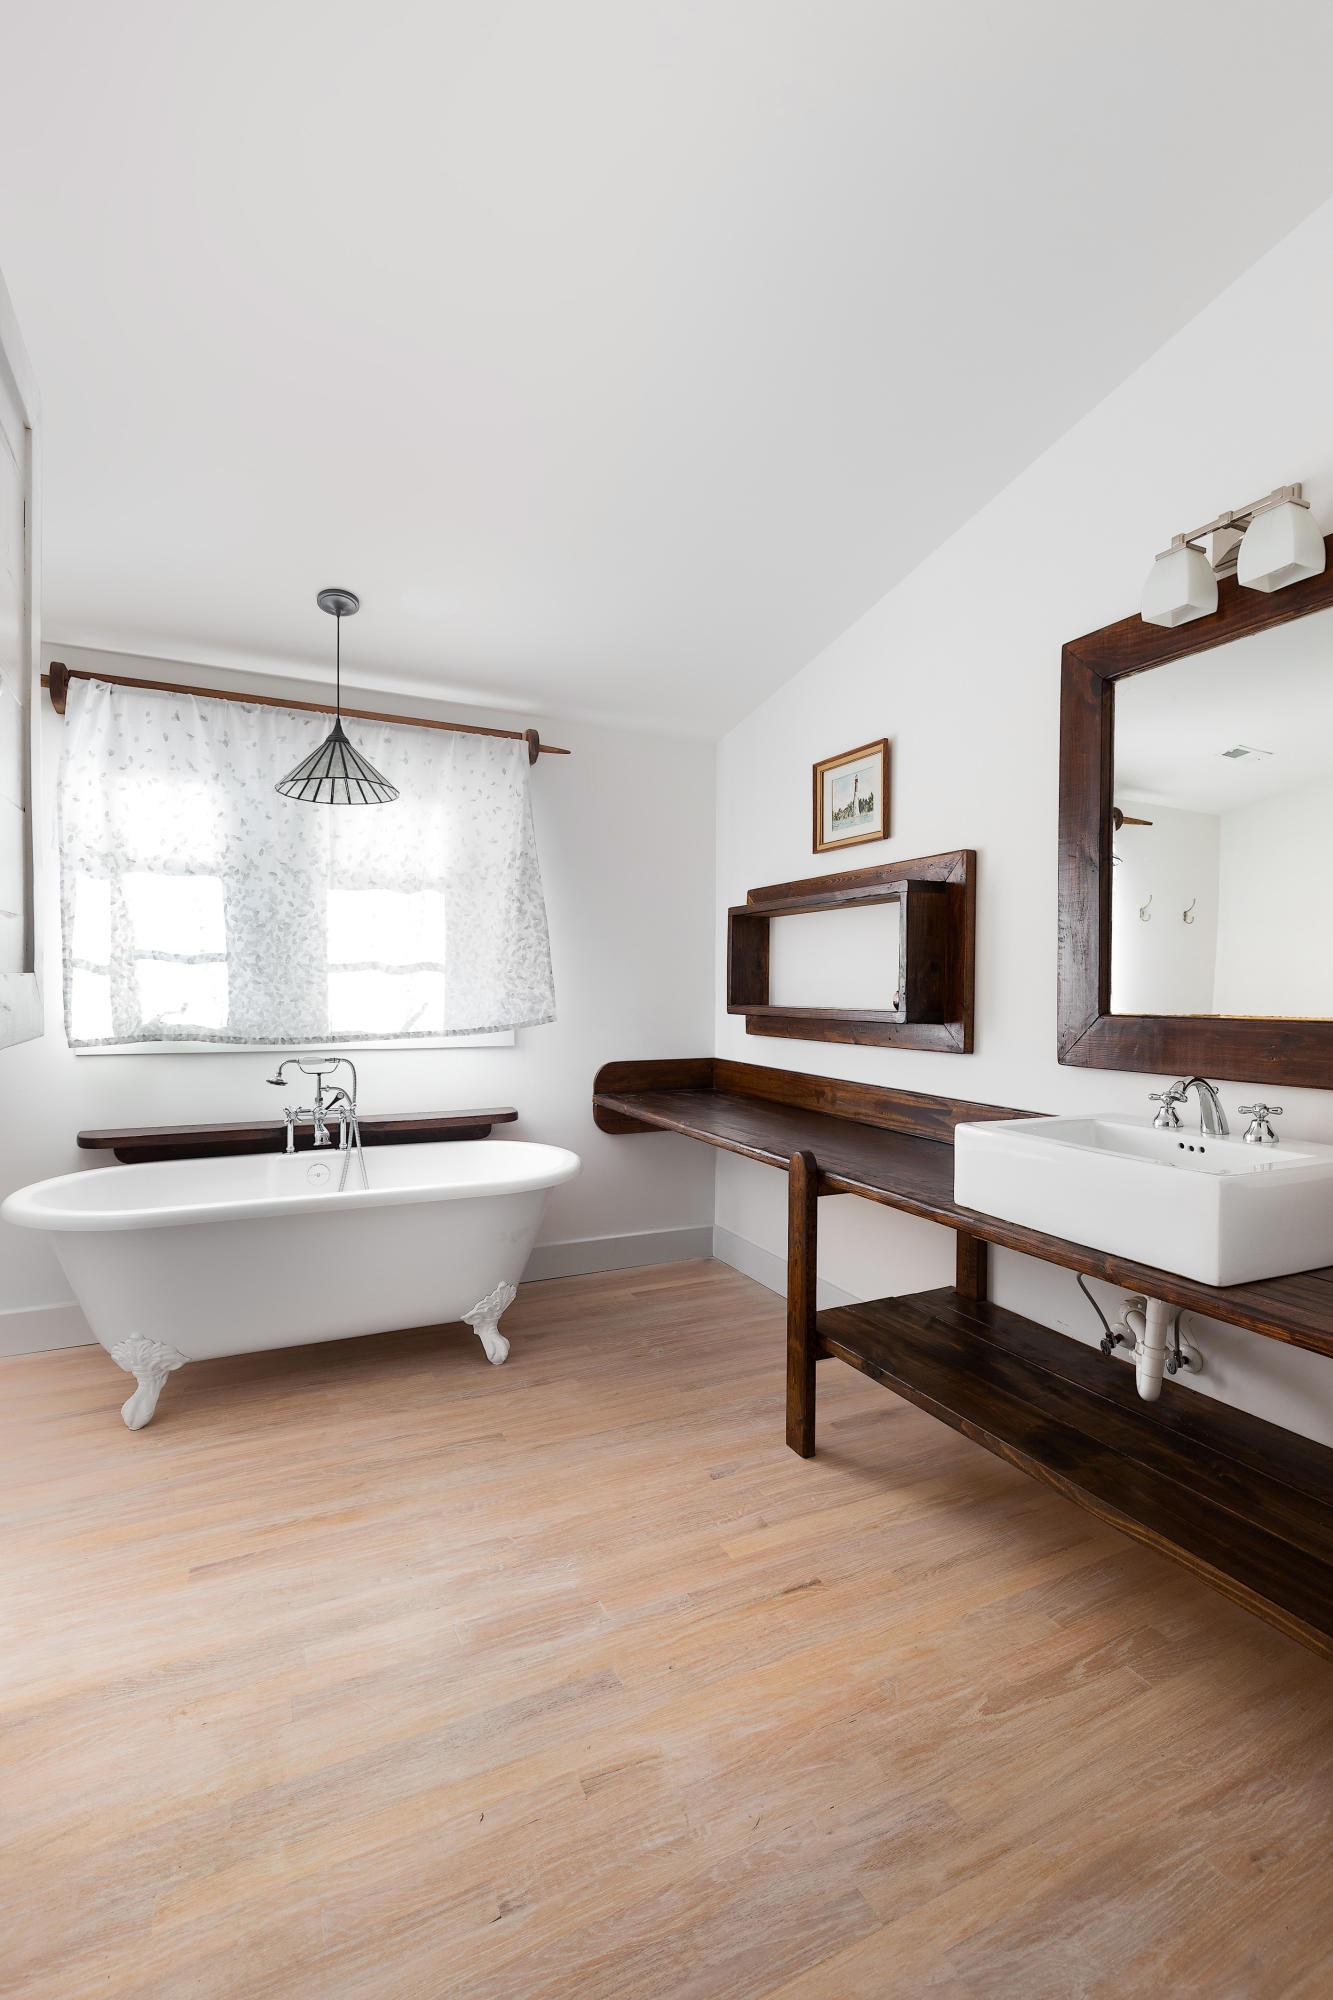 Riverland Terrace Homes For Sale - 2033 Frampton, Charleston, SC - 30